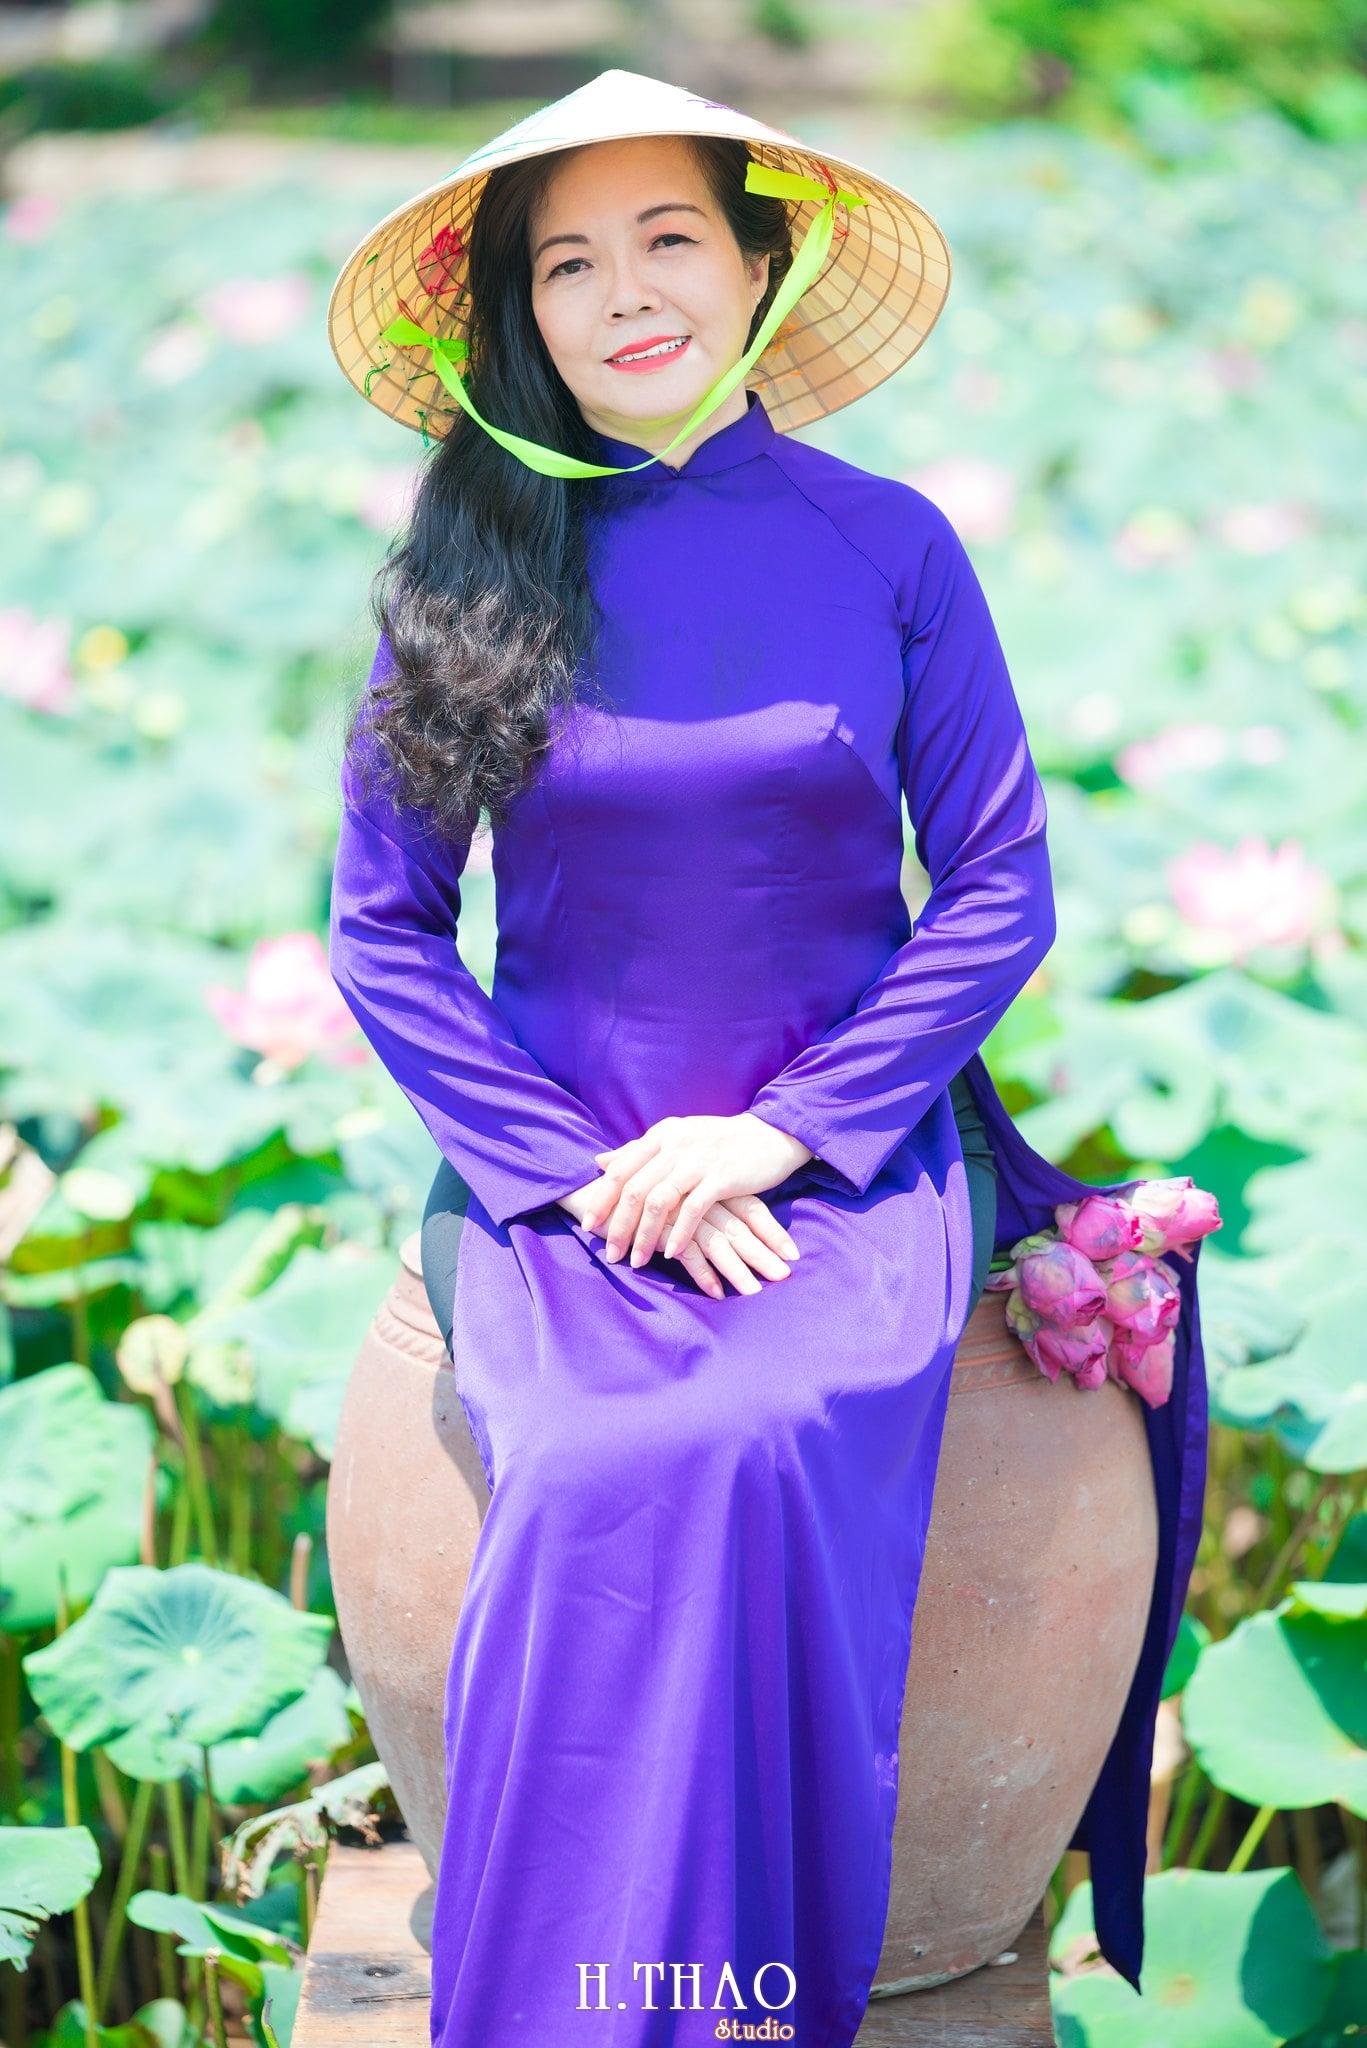 nh áo dài hoa sen 23 - Góc ảnh áo dài tuổi 50 cô Phương chụp với hoa sen- HThao Studio